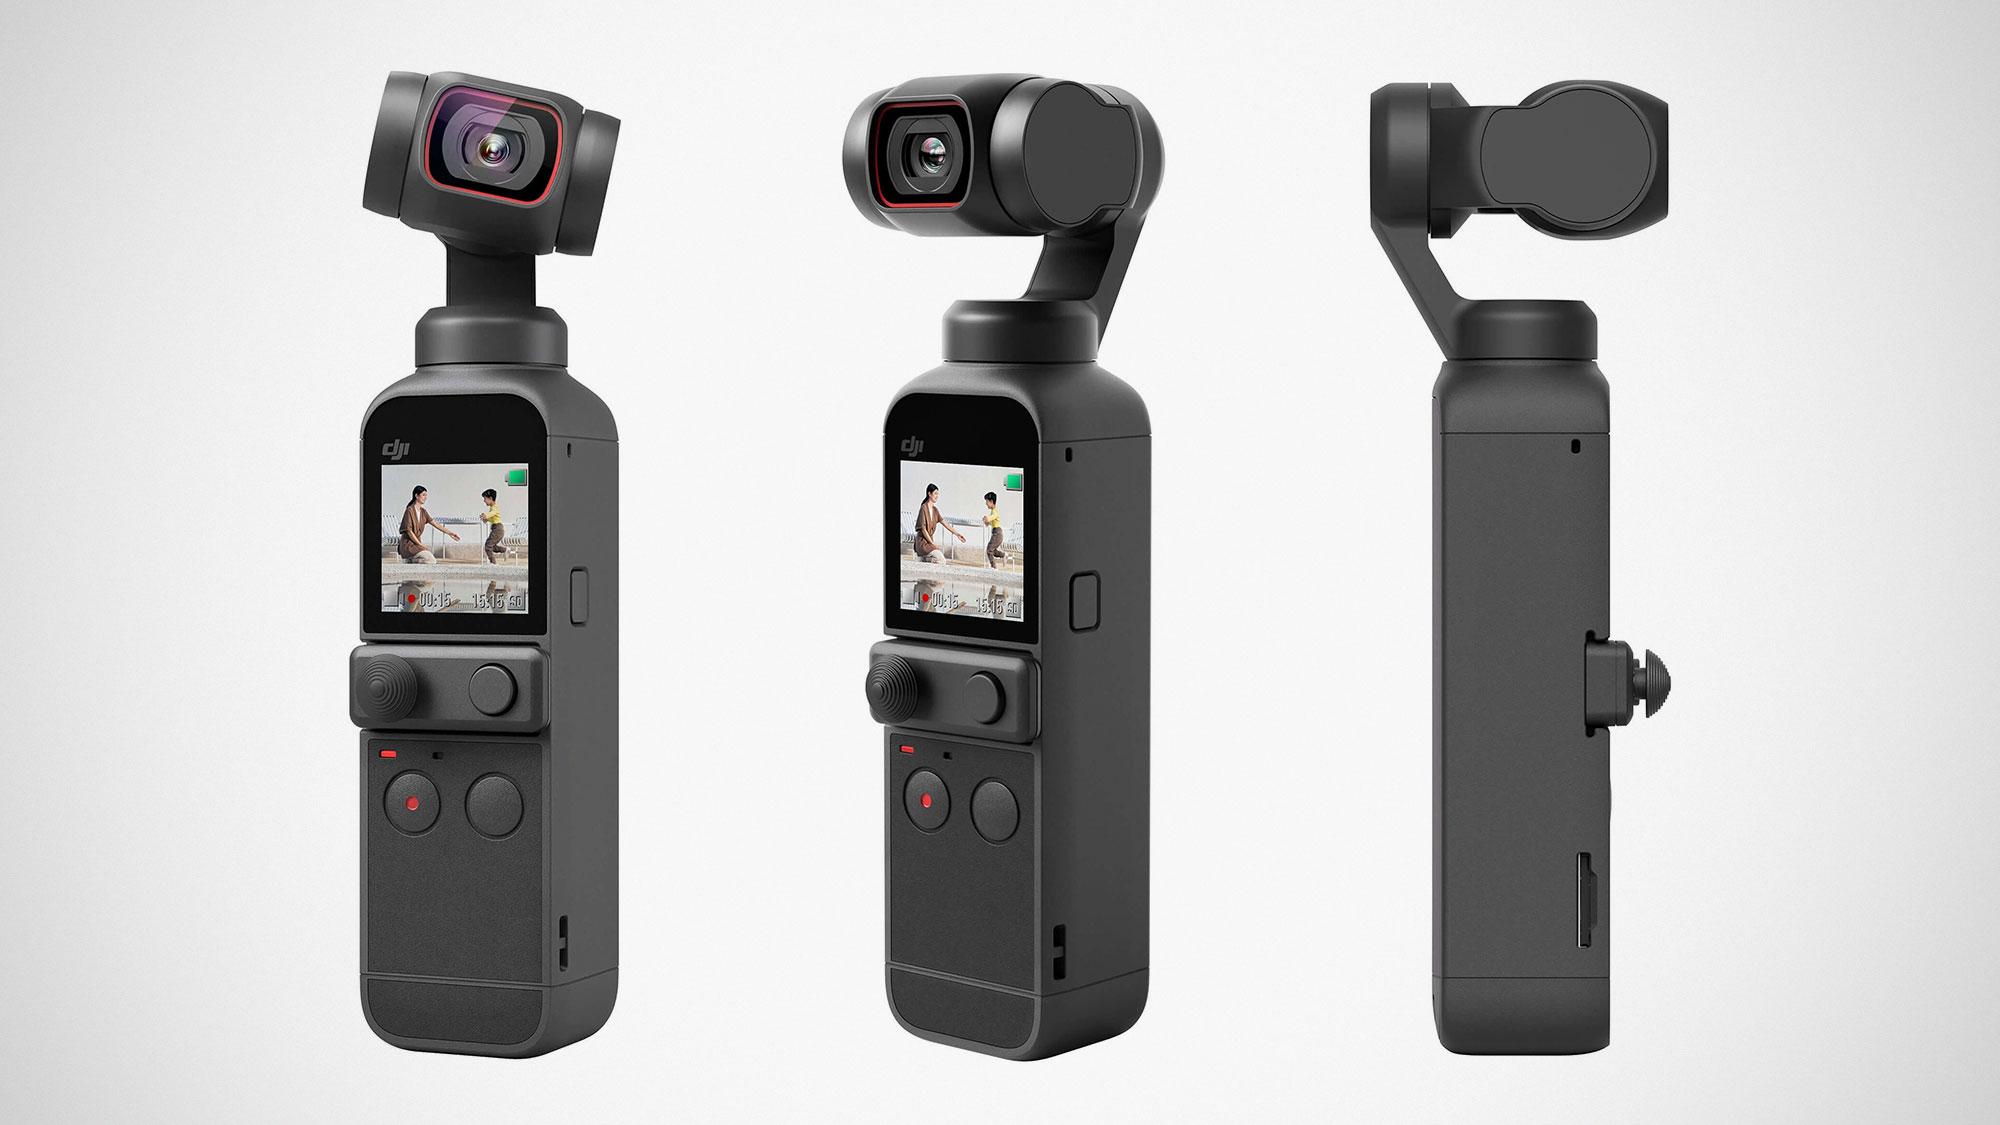 DJI Mini 2 Imaging Drone With 4K Camera